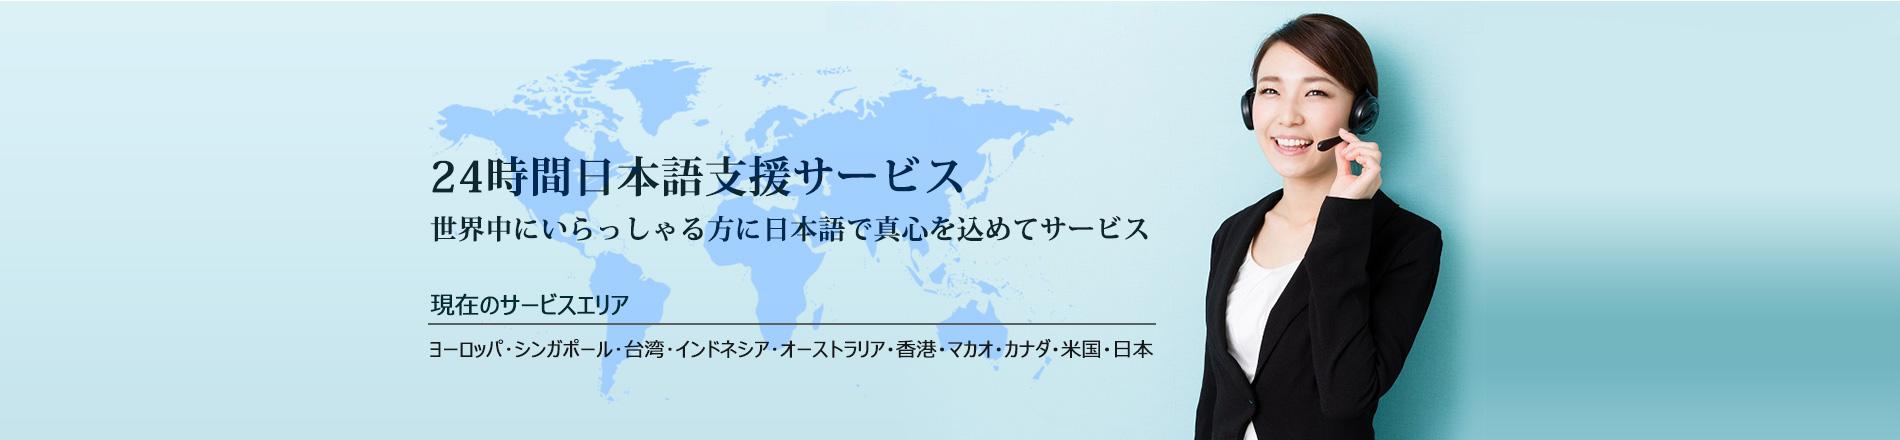 24時間日本語支援サービス 世界中にいらっしゃる方に日本語でまごころを込めてサービス